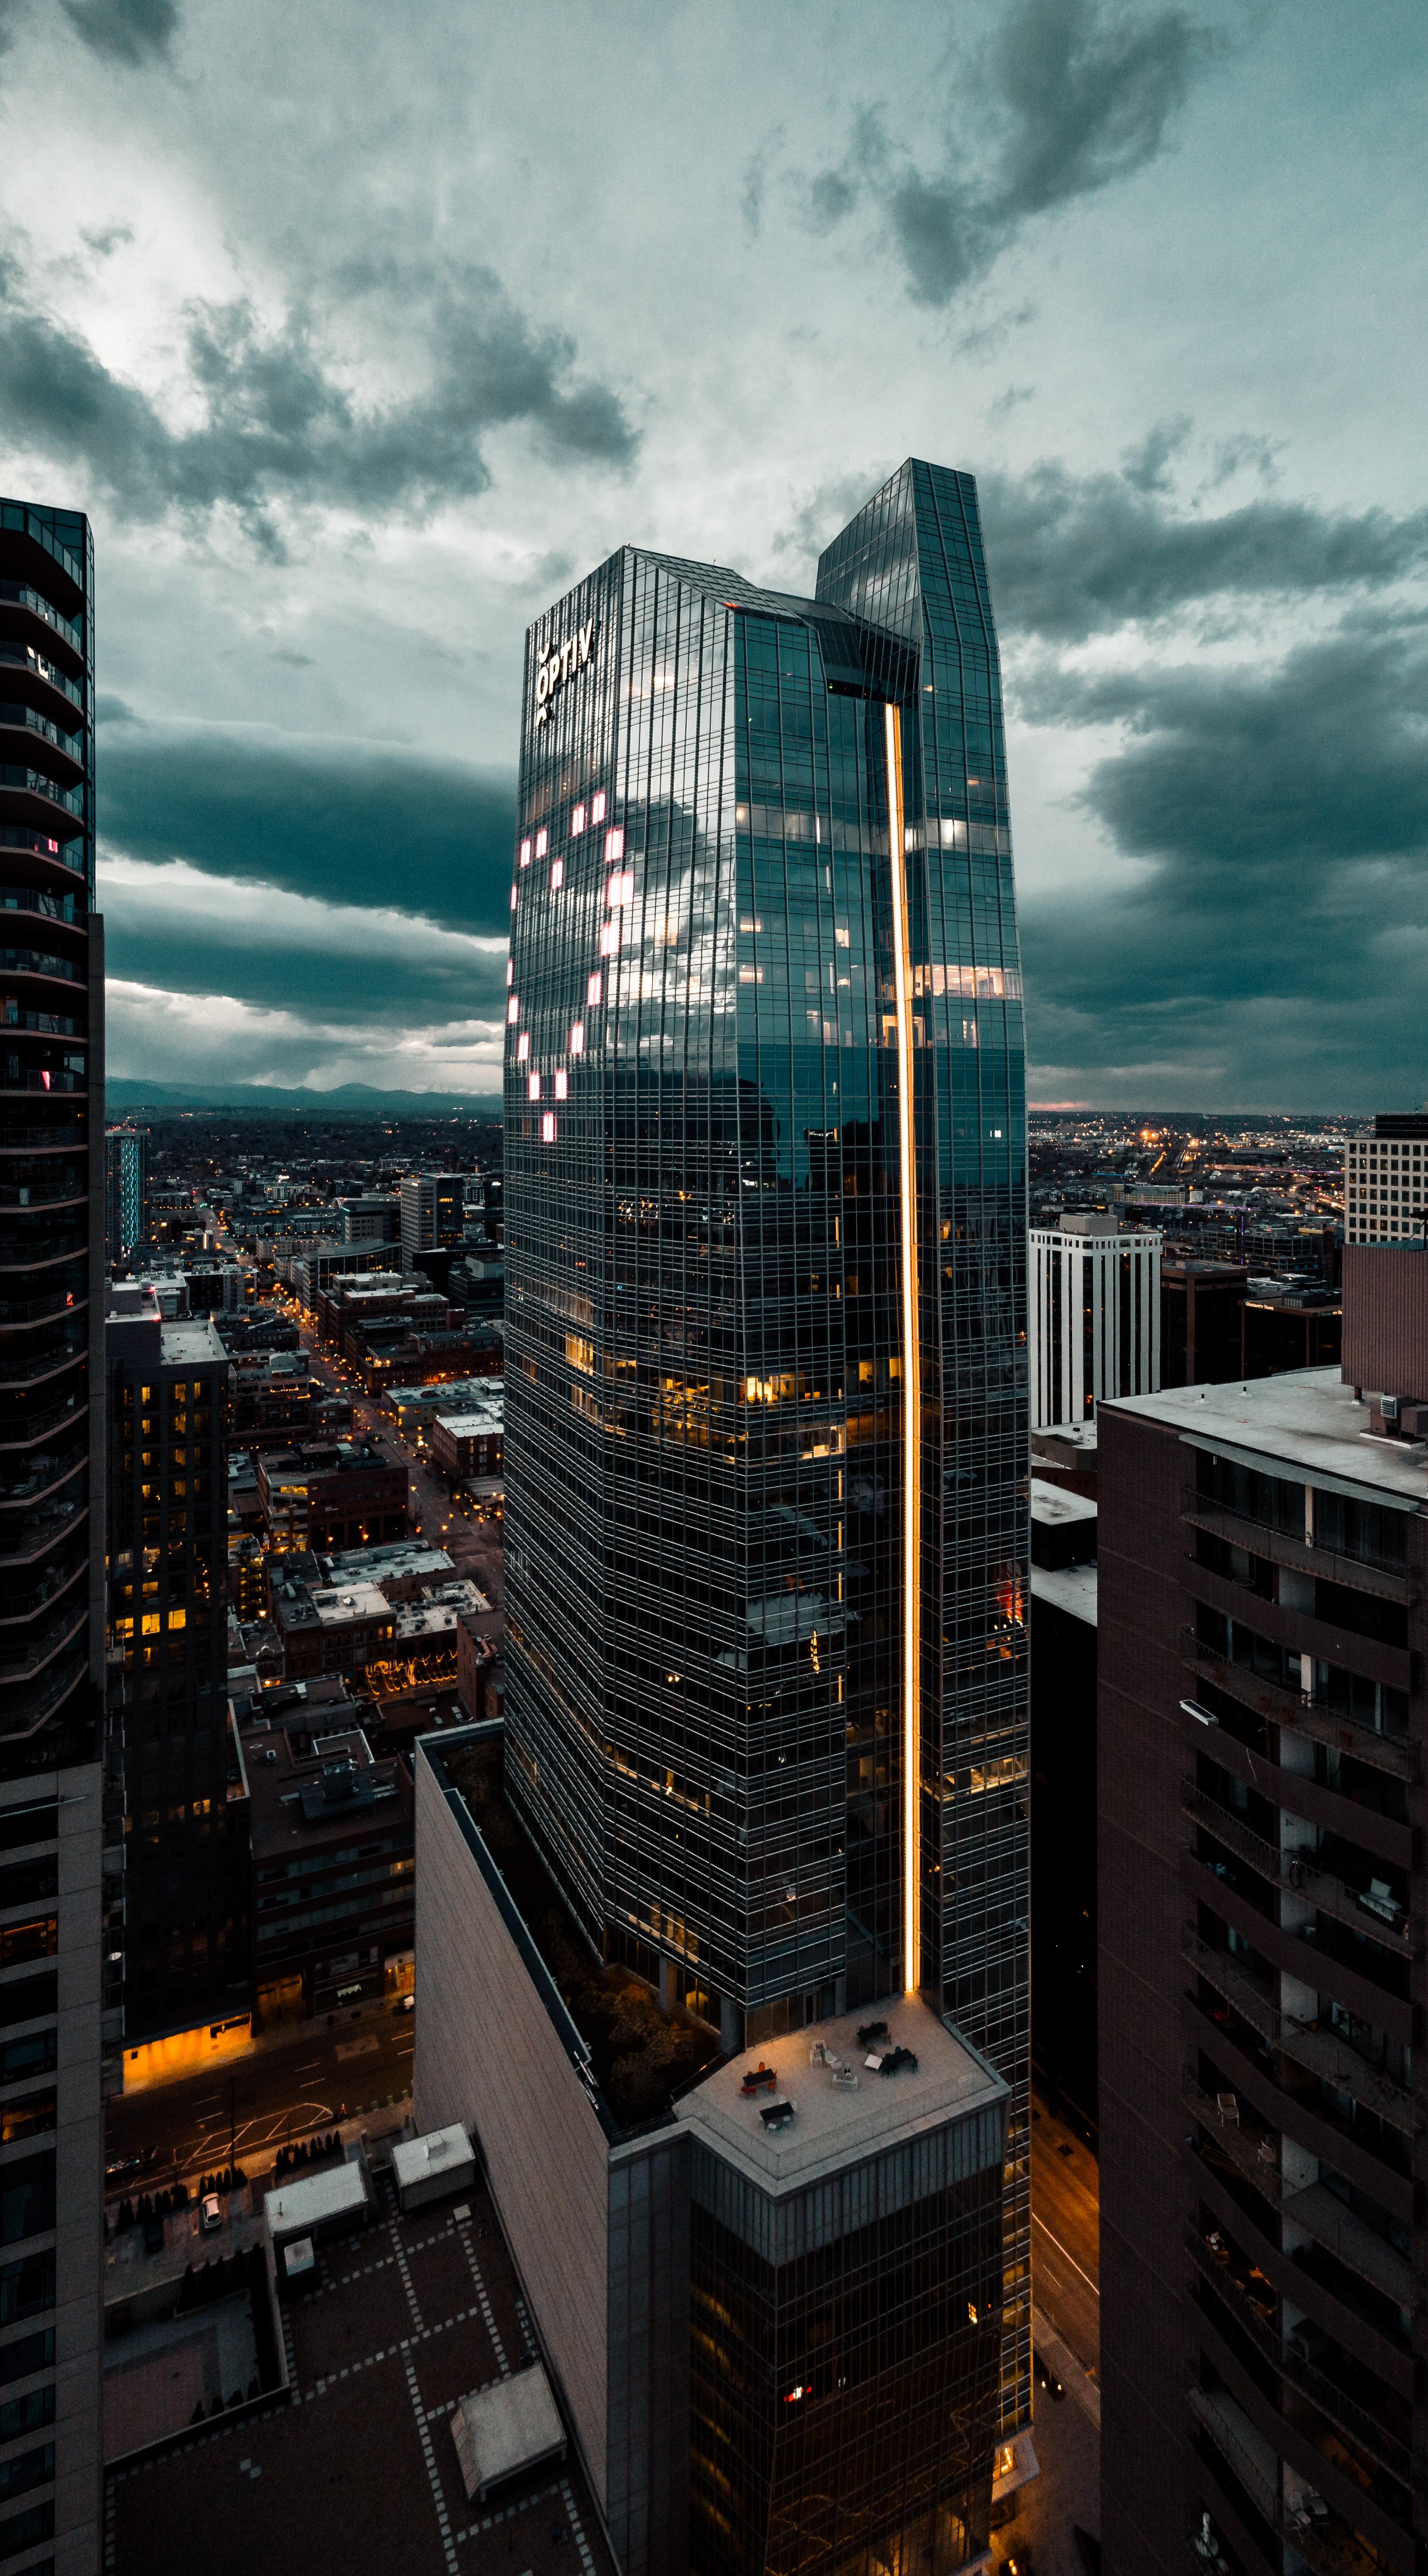 144983壁紙のダウンロード市, 都市, 建物, 超高層ビル, ハート, 心, 上から見る-スクリーンセーバーと写真を無料で